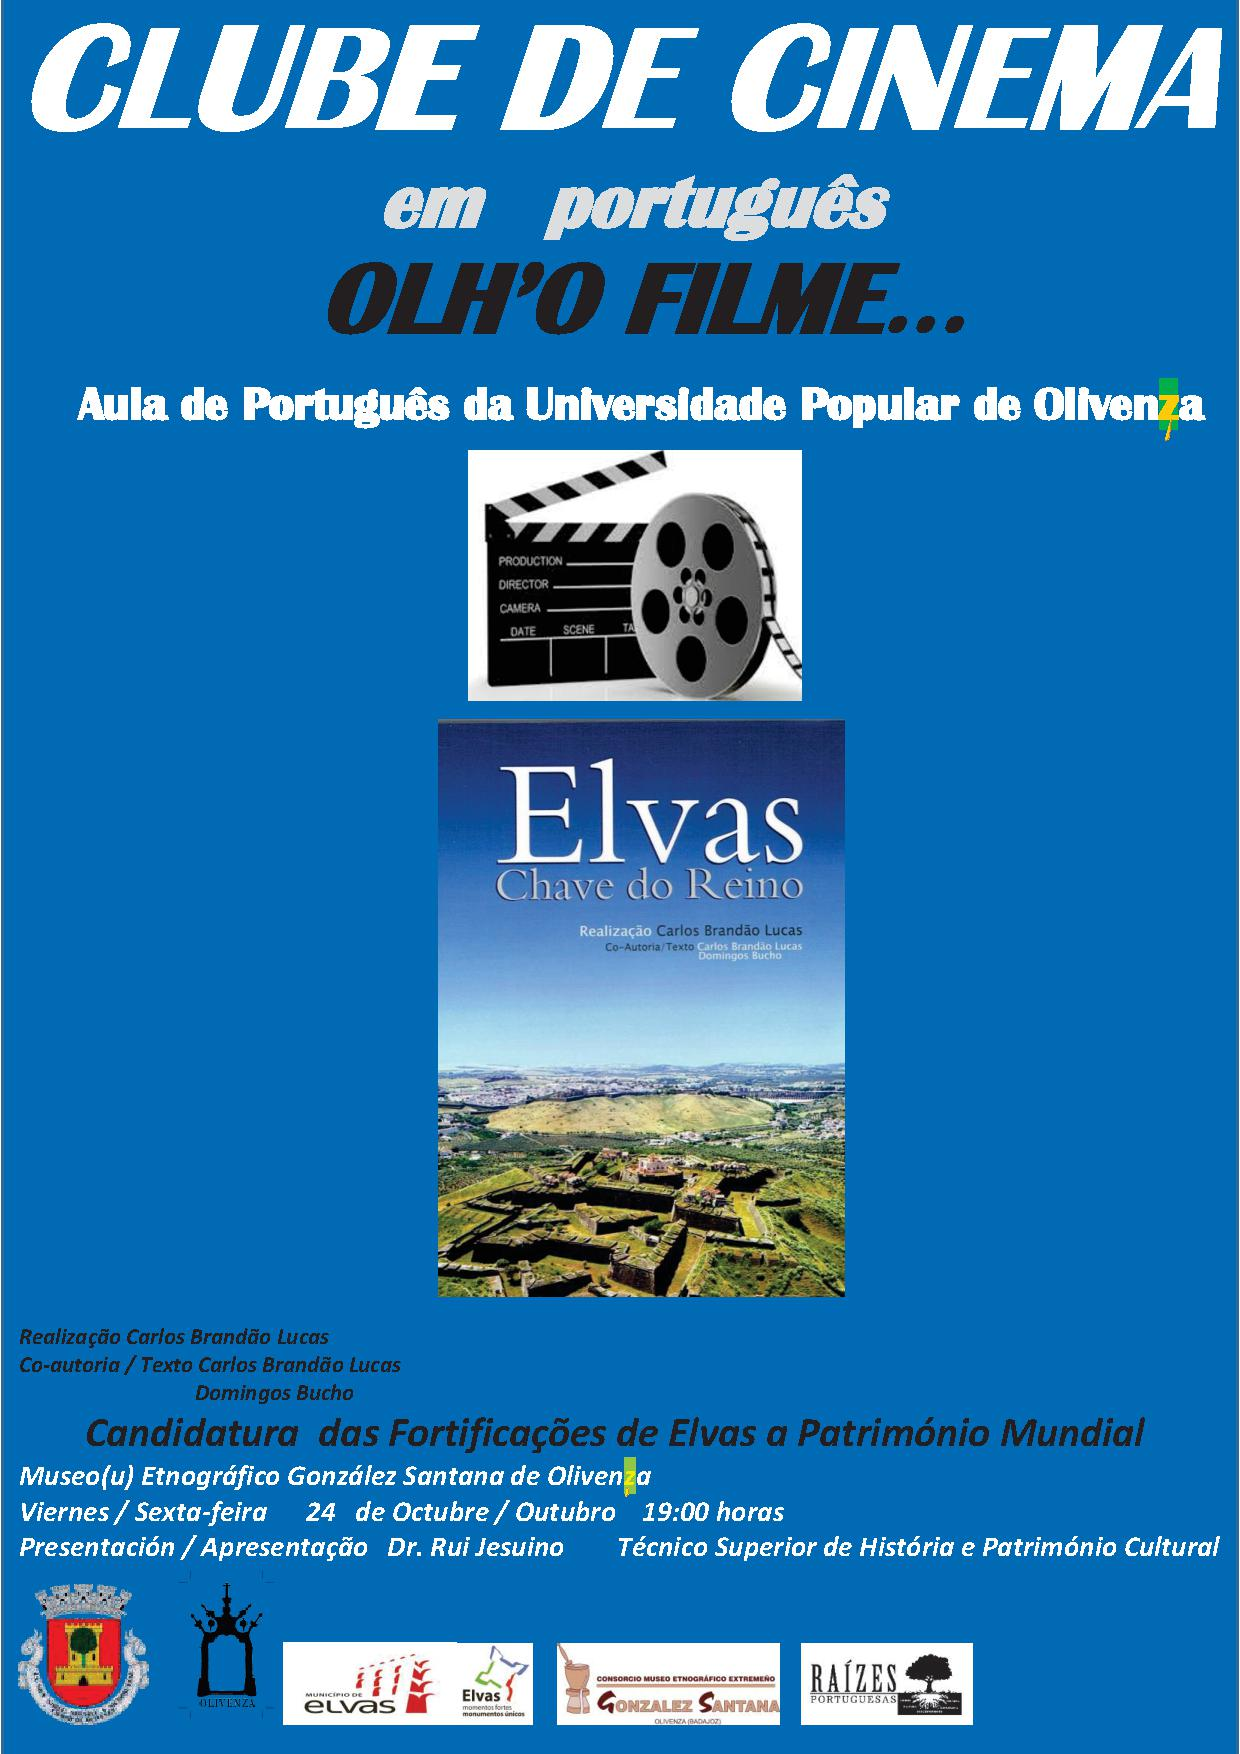 Tras la presentación del Club, se proyectará el documental Elvas, Chave do Reino